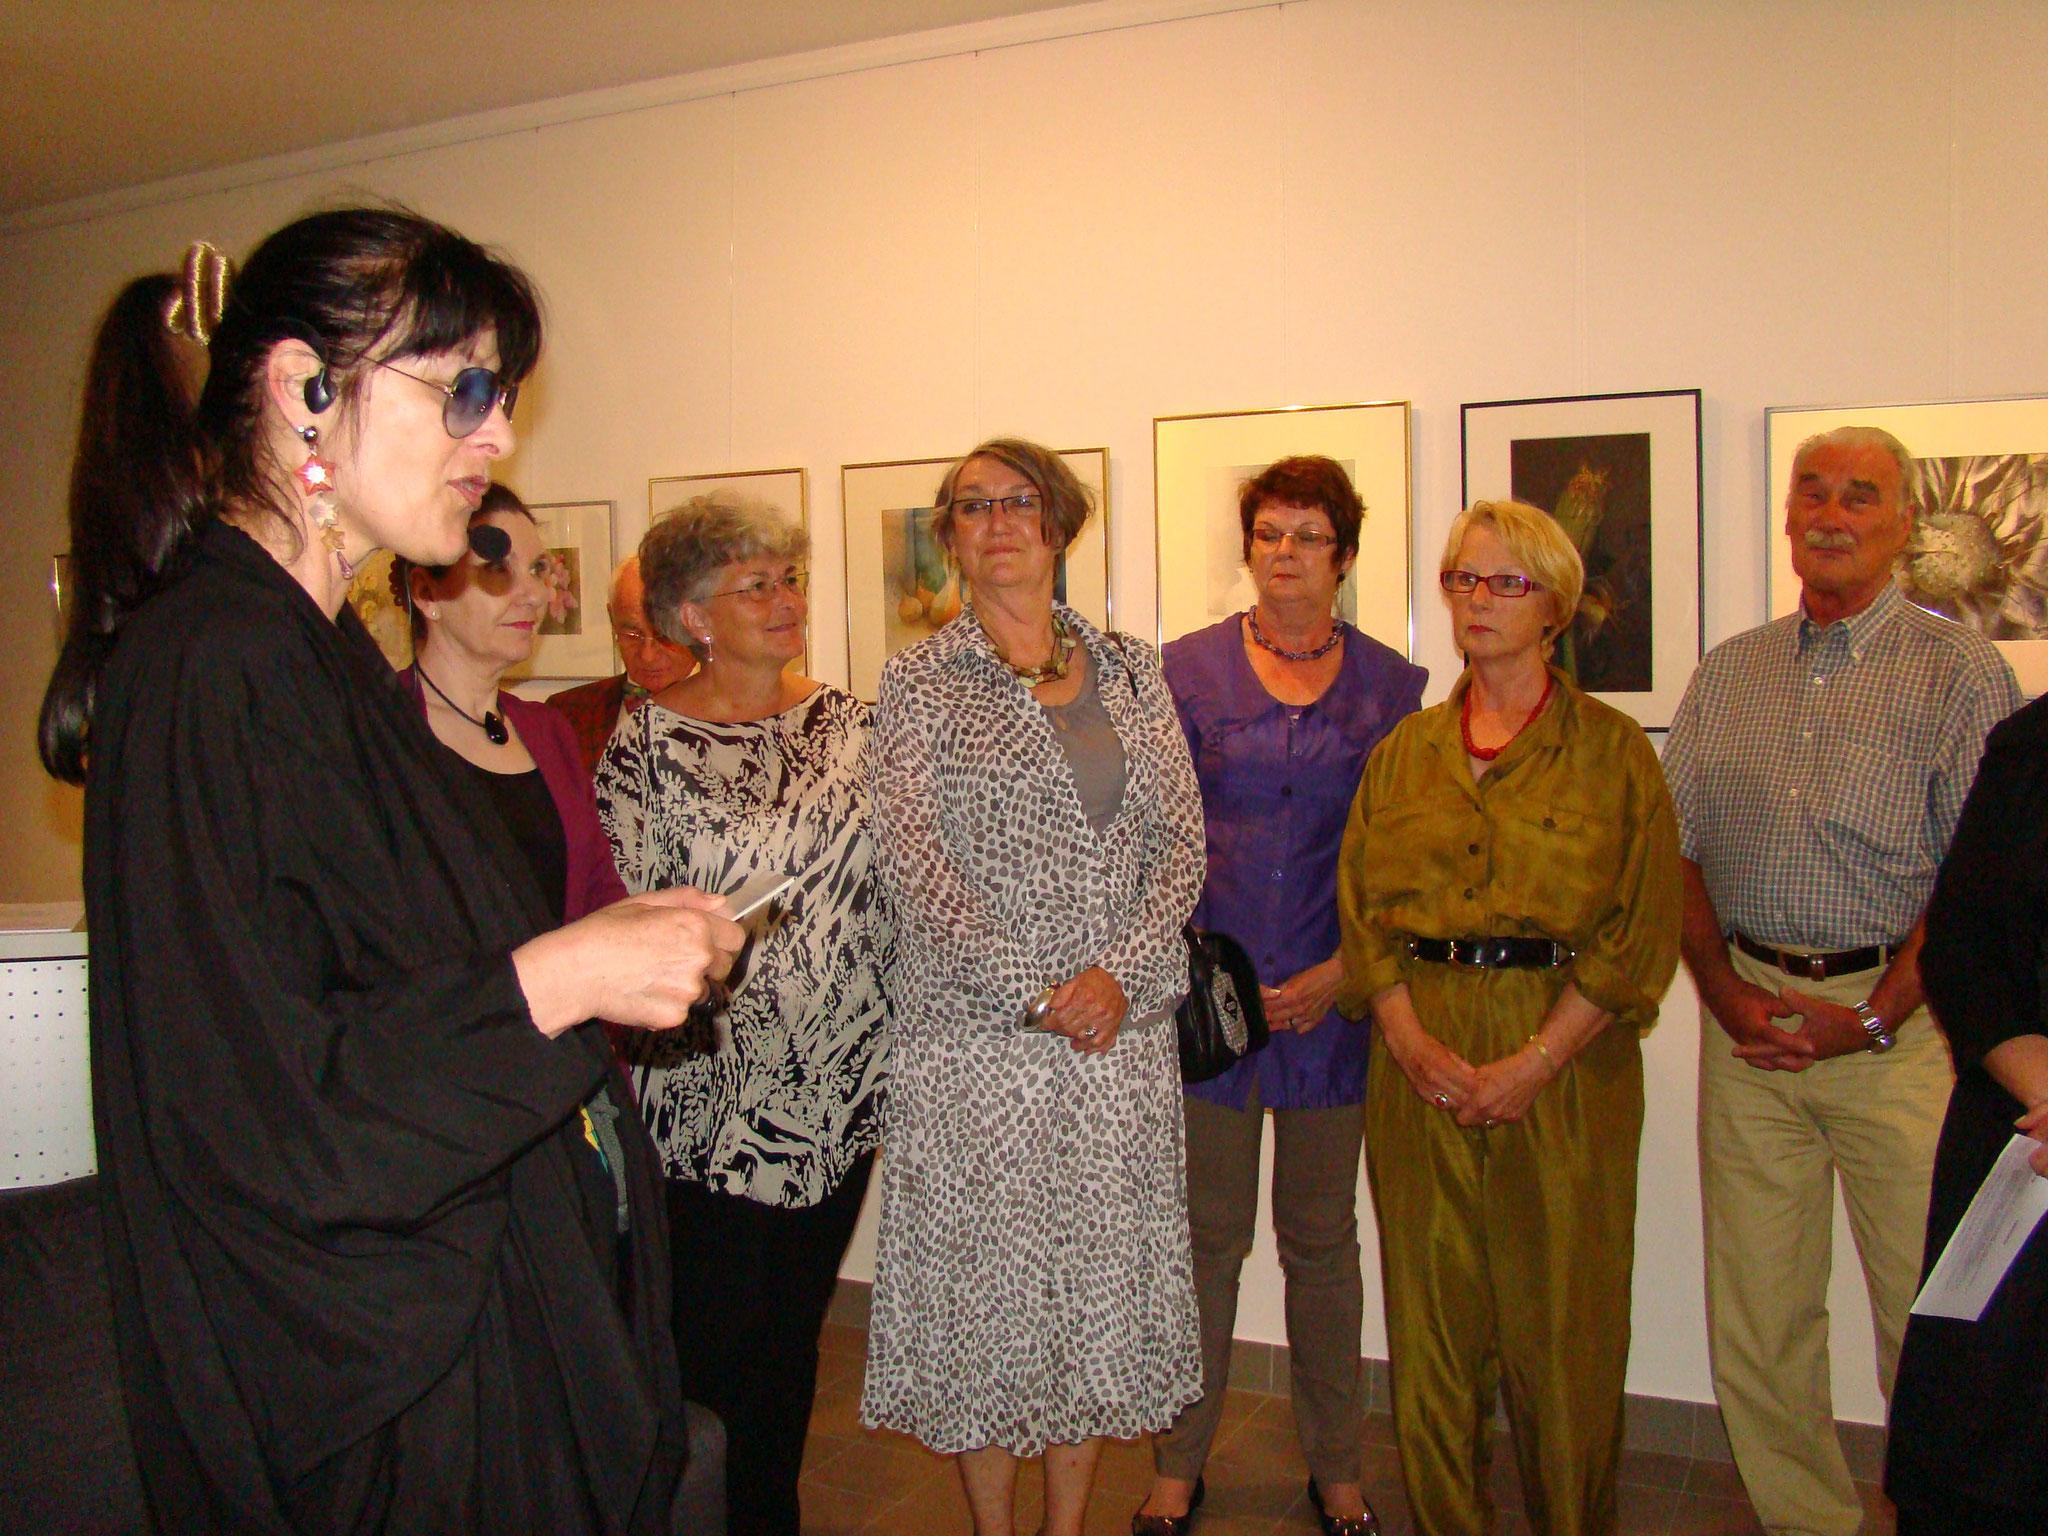 Vernissage: 14. Juni 2010 / 19:00 Uhr -  Roswitha Wagner, Evelyn Miksch, Elisabeth Dill, Anthea Fraueneder, Eva Maier, Gertrude Krumpholz, Günter Spitzer